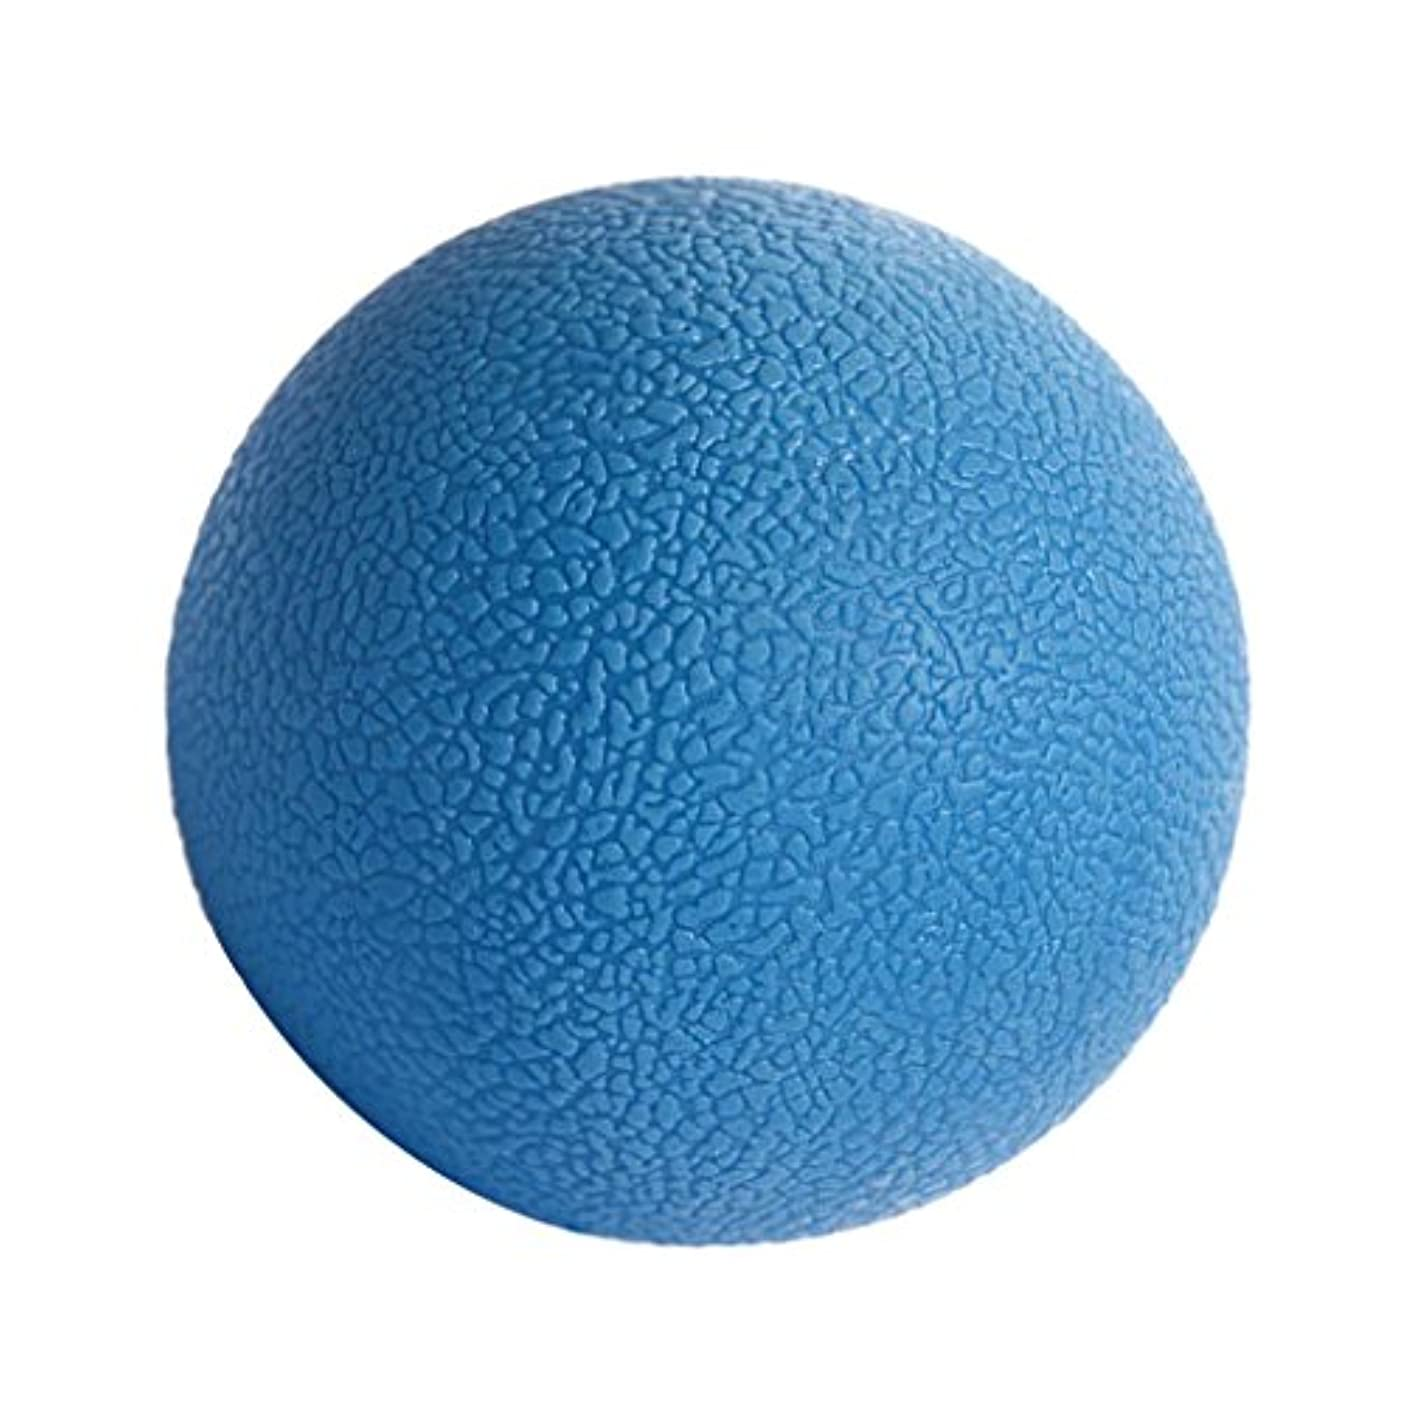 刺します色合いロンドンマッサージボール ジムフィットネス 筋肉マッサージ ボール トリガーポイント 4色選べる - 青, 説明したように